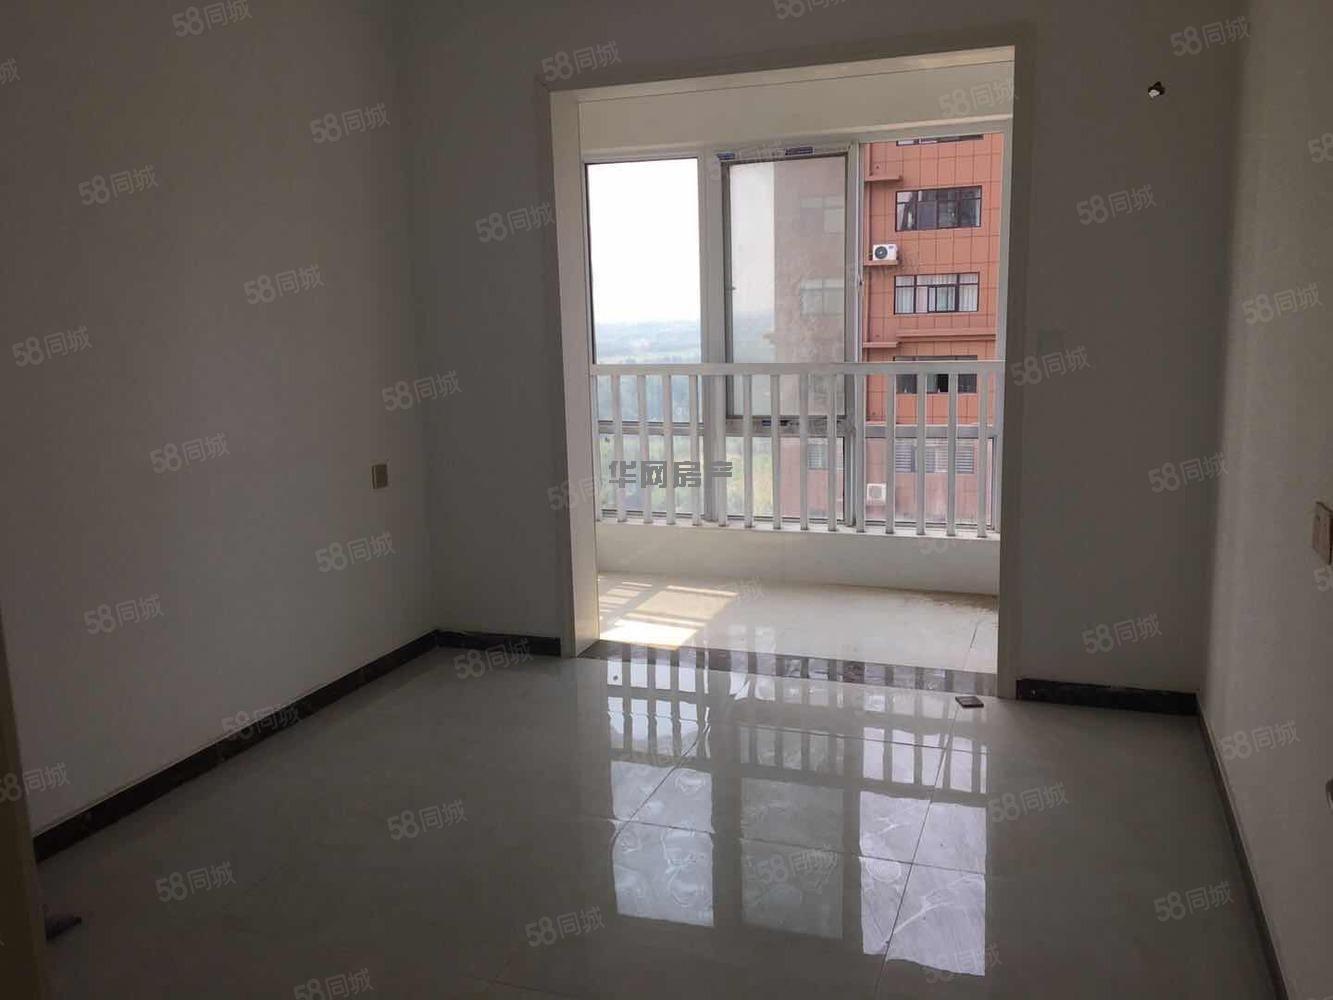 龍湖瀾岸,2居室2居室支持貸款,首付12萬。